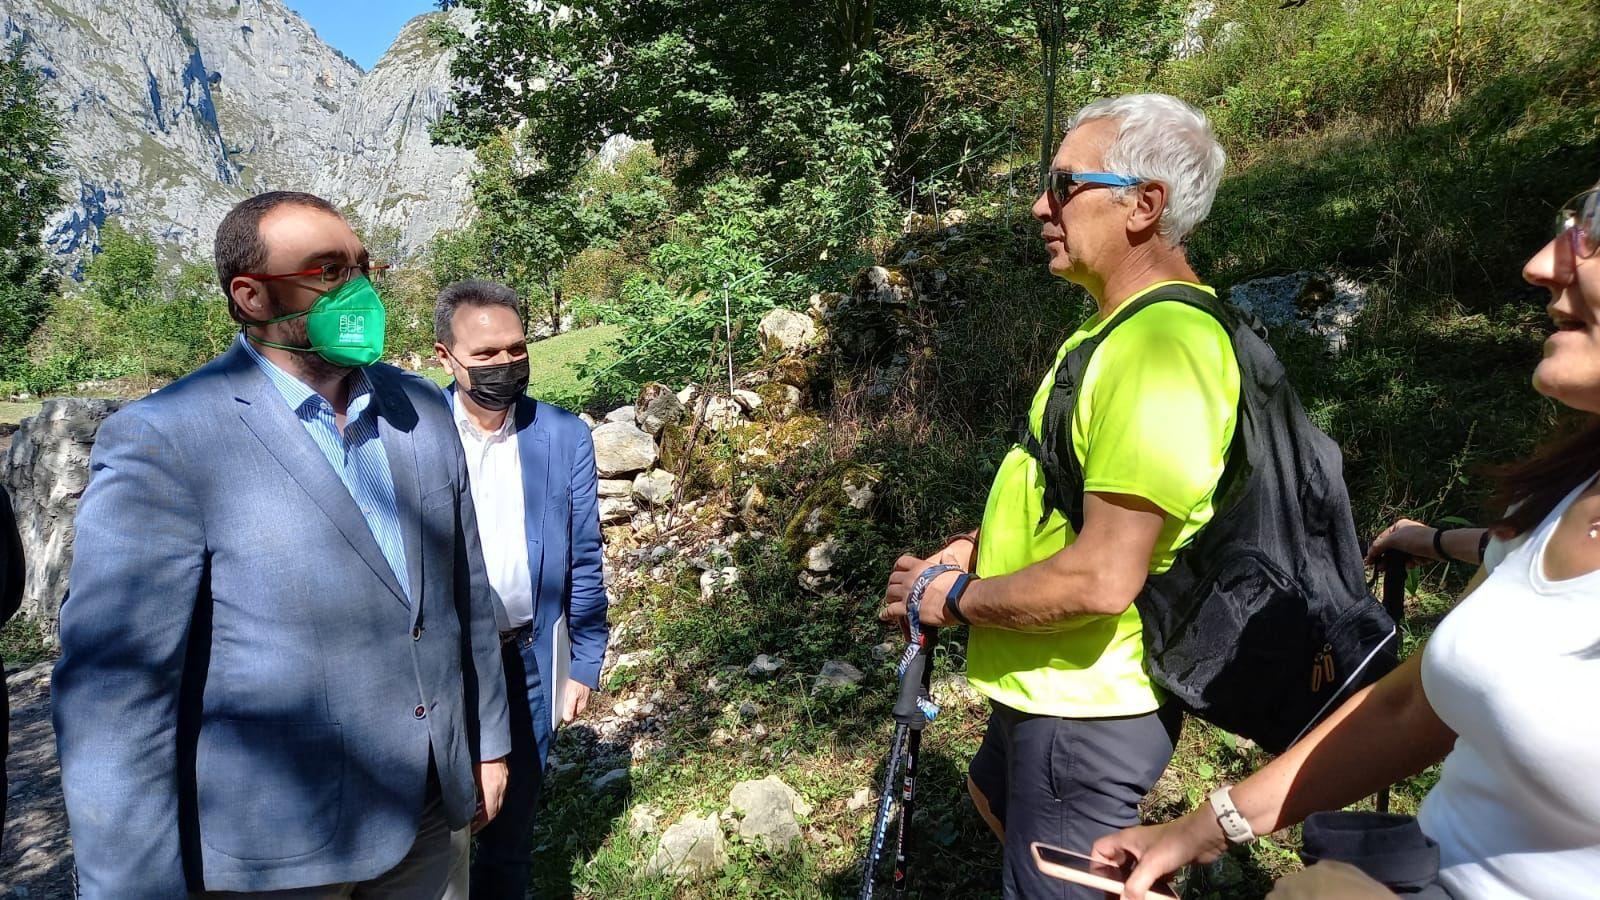 Veinte años del funicular de Bulnes: así fue la visita institucional por el aniversario de la inauguración del remonte